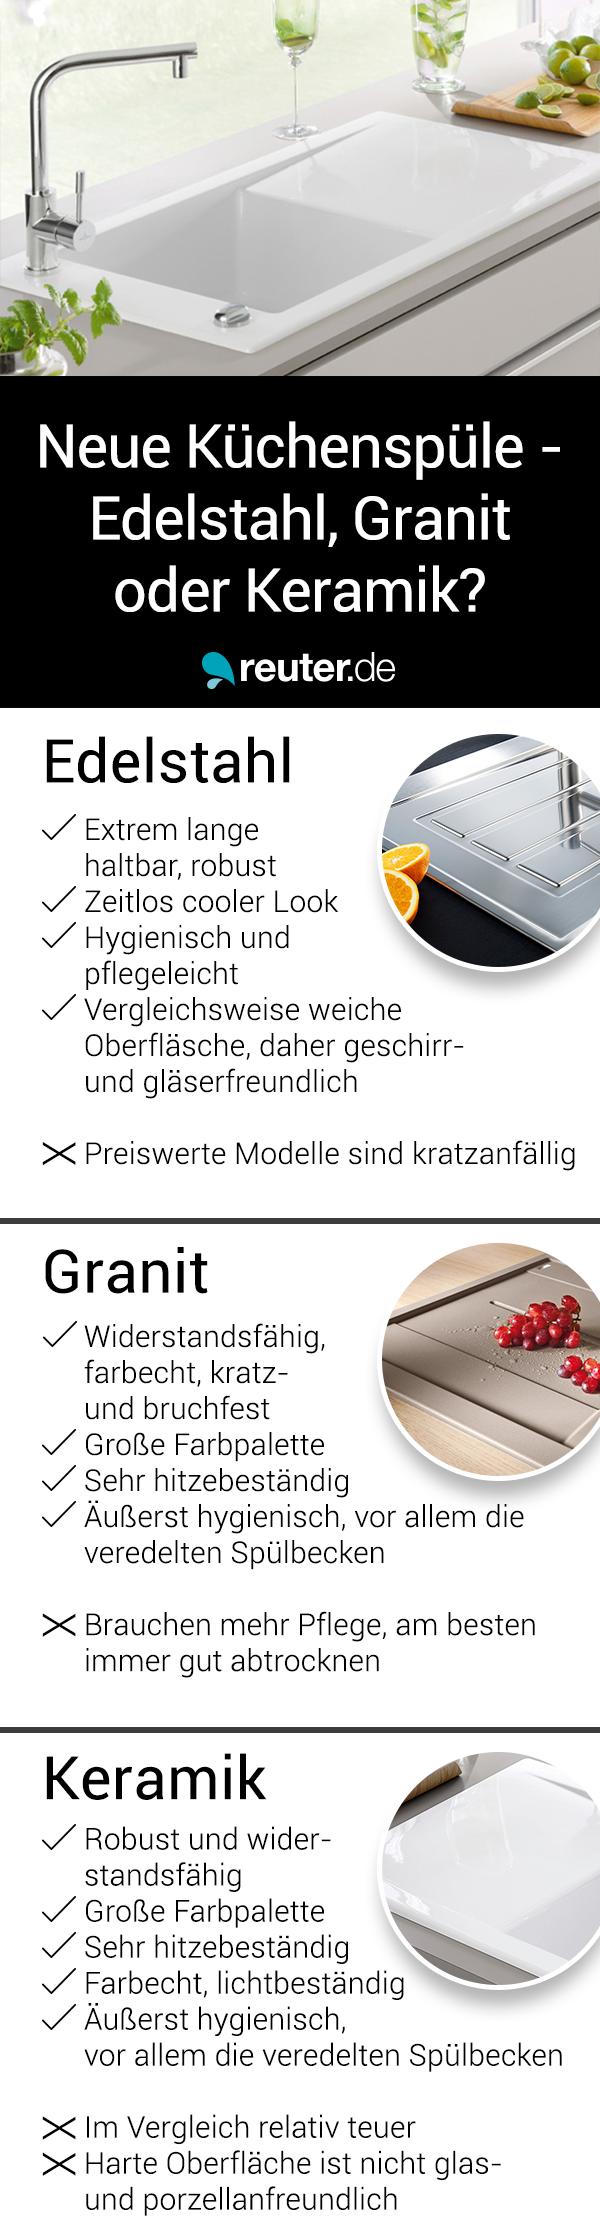 Elegant Welches Material Für Küchenspülen? Welches Passt Am Besten Zu Ihren  Bedürfnissen? Wir Haben Ihnen